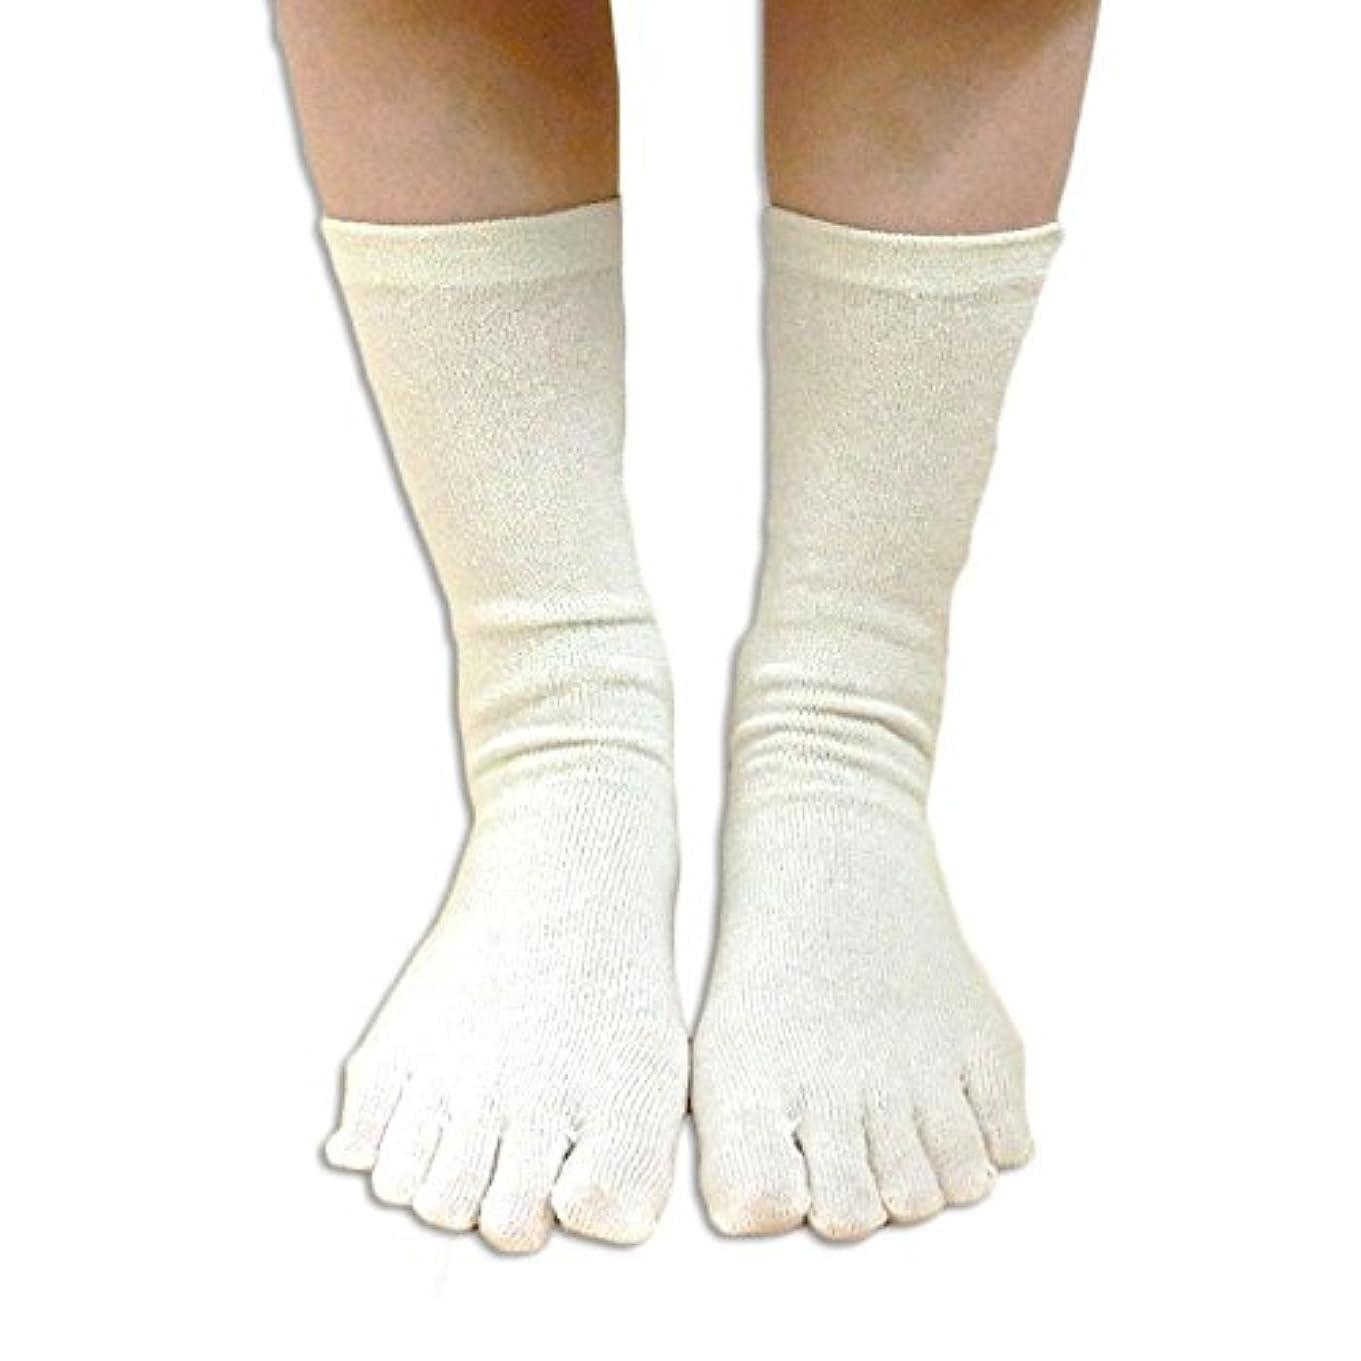 涙の中で顕微鏡シルク 100% 五本指 ソックス 3足セット かかとあり 上質な絹紡糸と紬糸ブレンドした絹糸を100%使用した薄手靴下 重ね履きのインナーソックスや冷えとりに